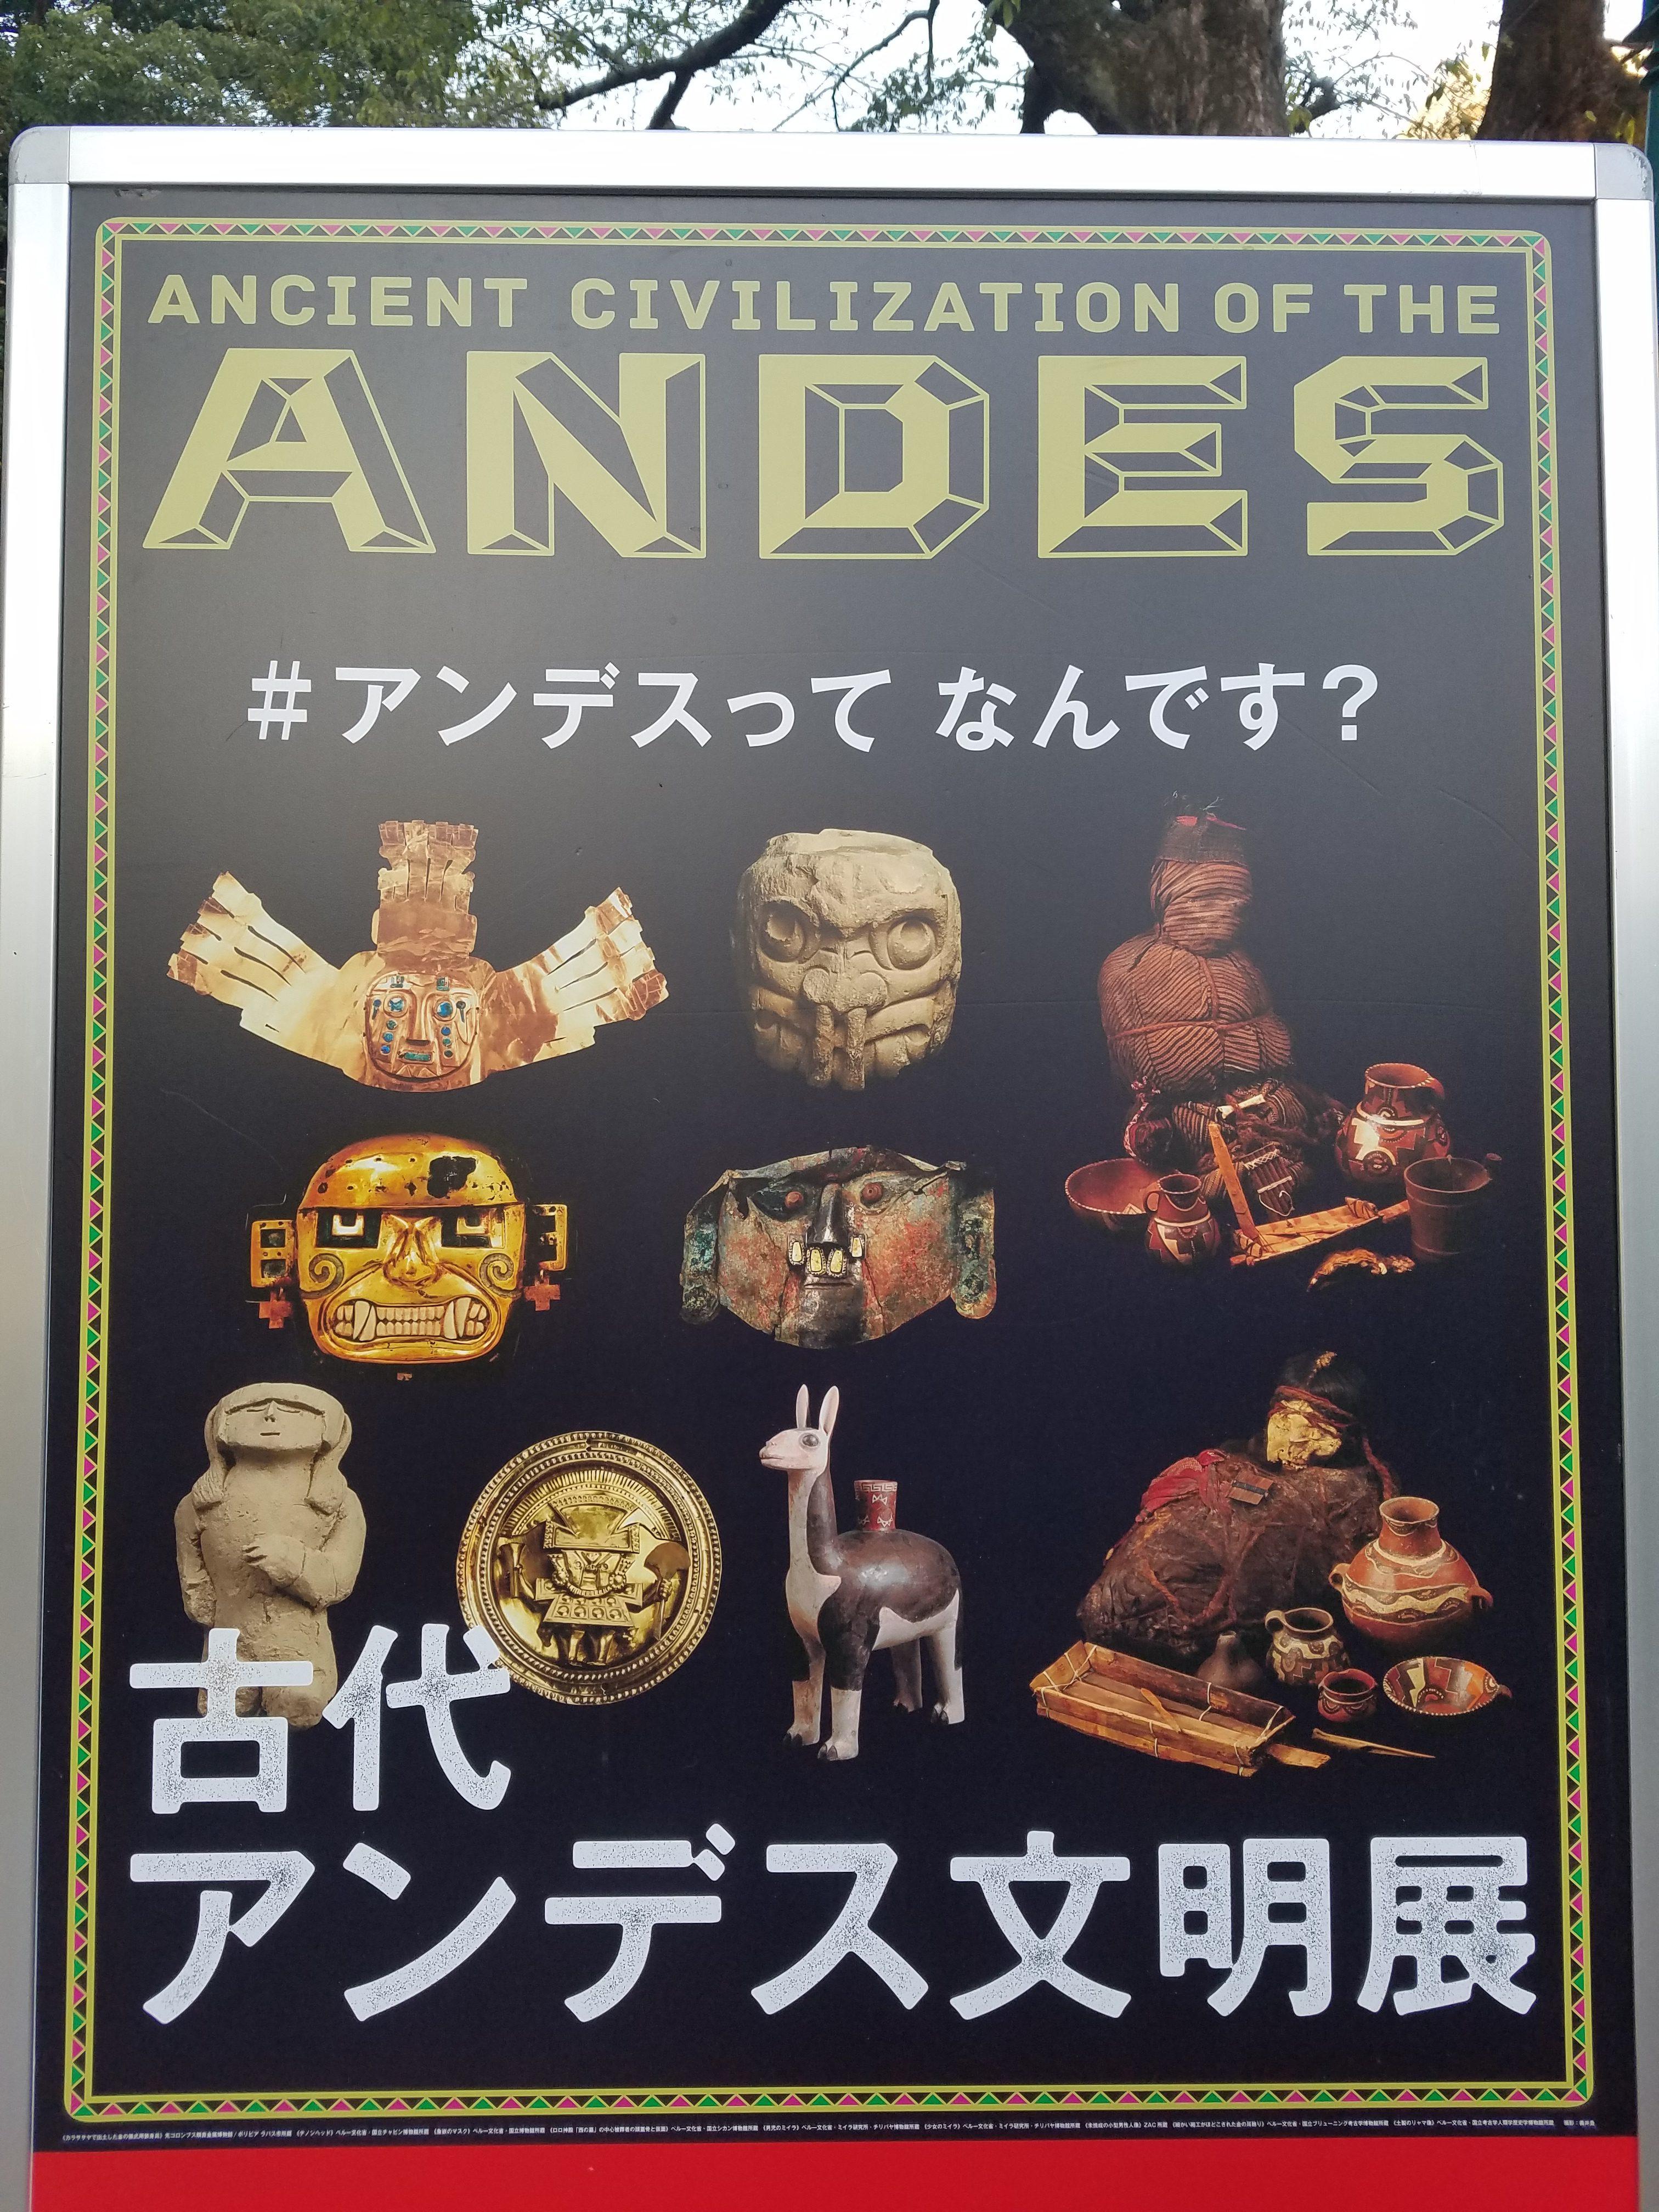 『古代アンデス文明展』に行ってきました!感想と評価